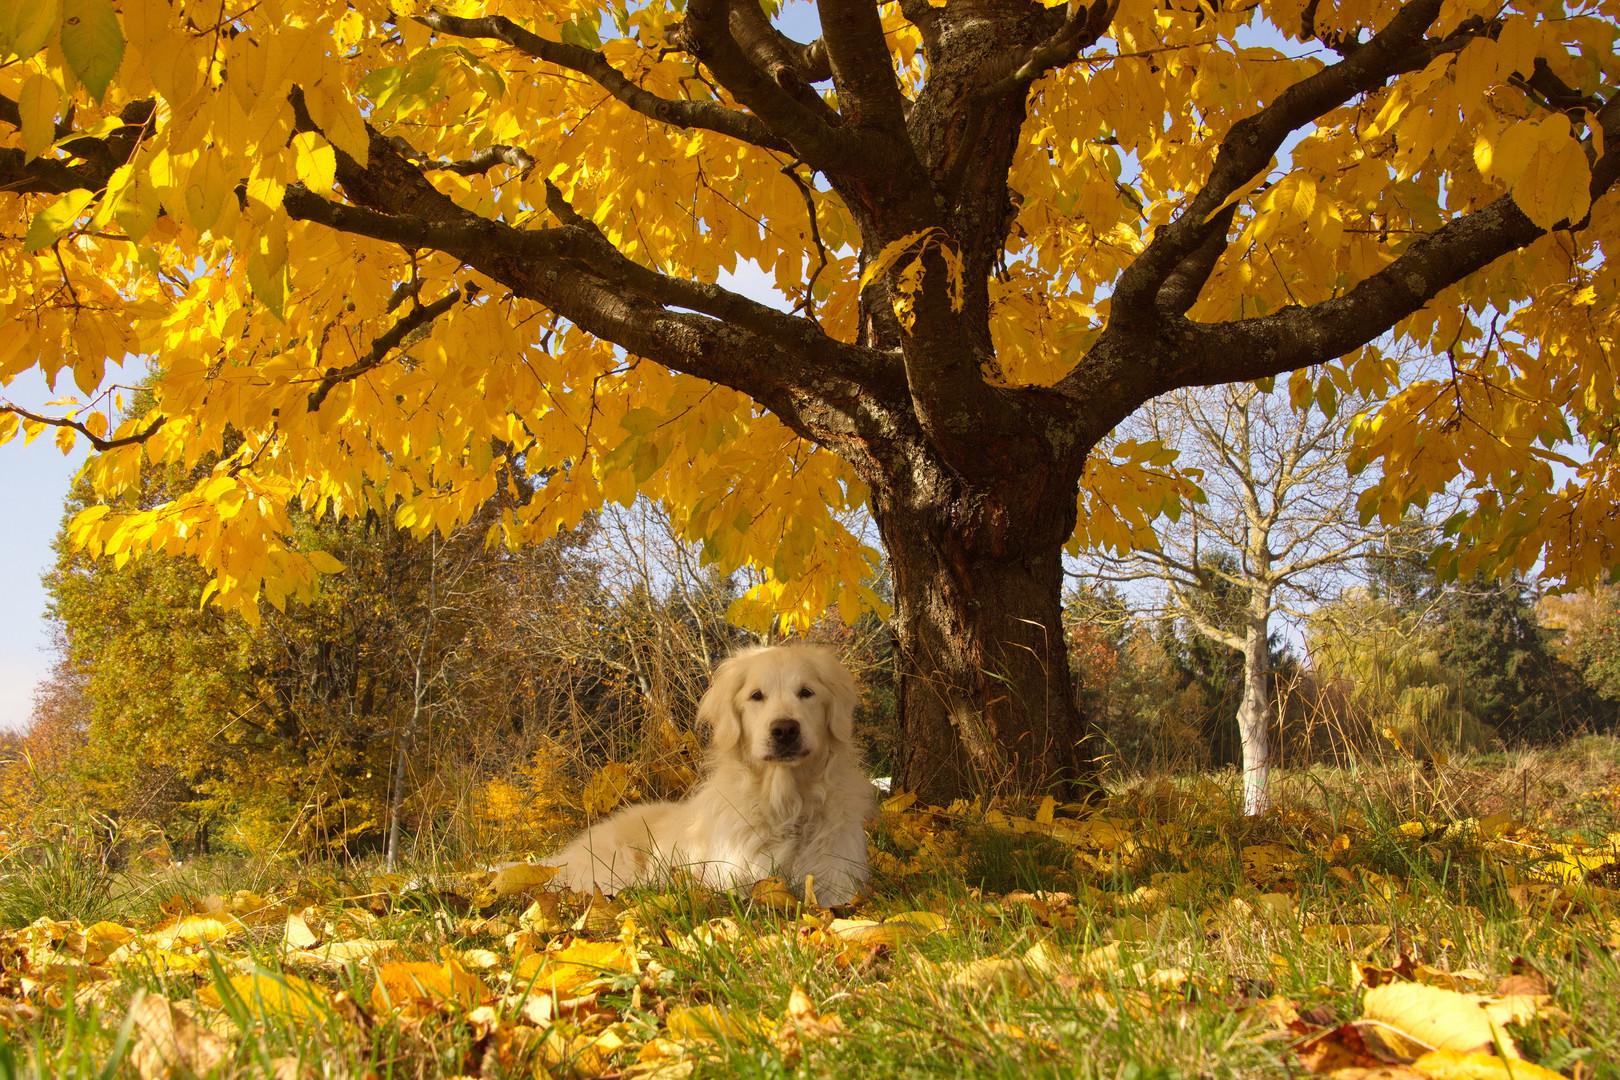 Goldie in goldenem Herbstlicht